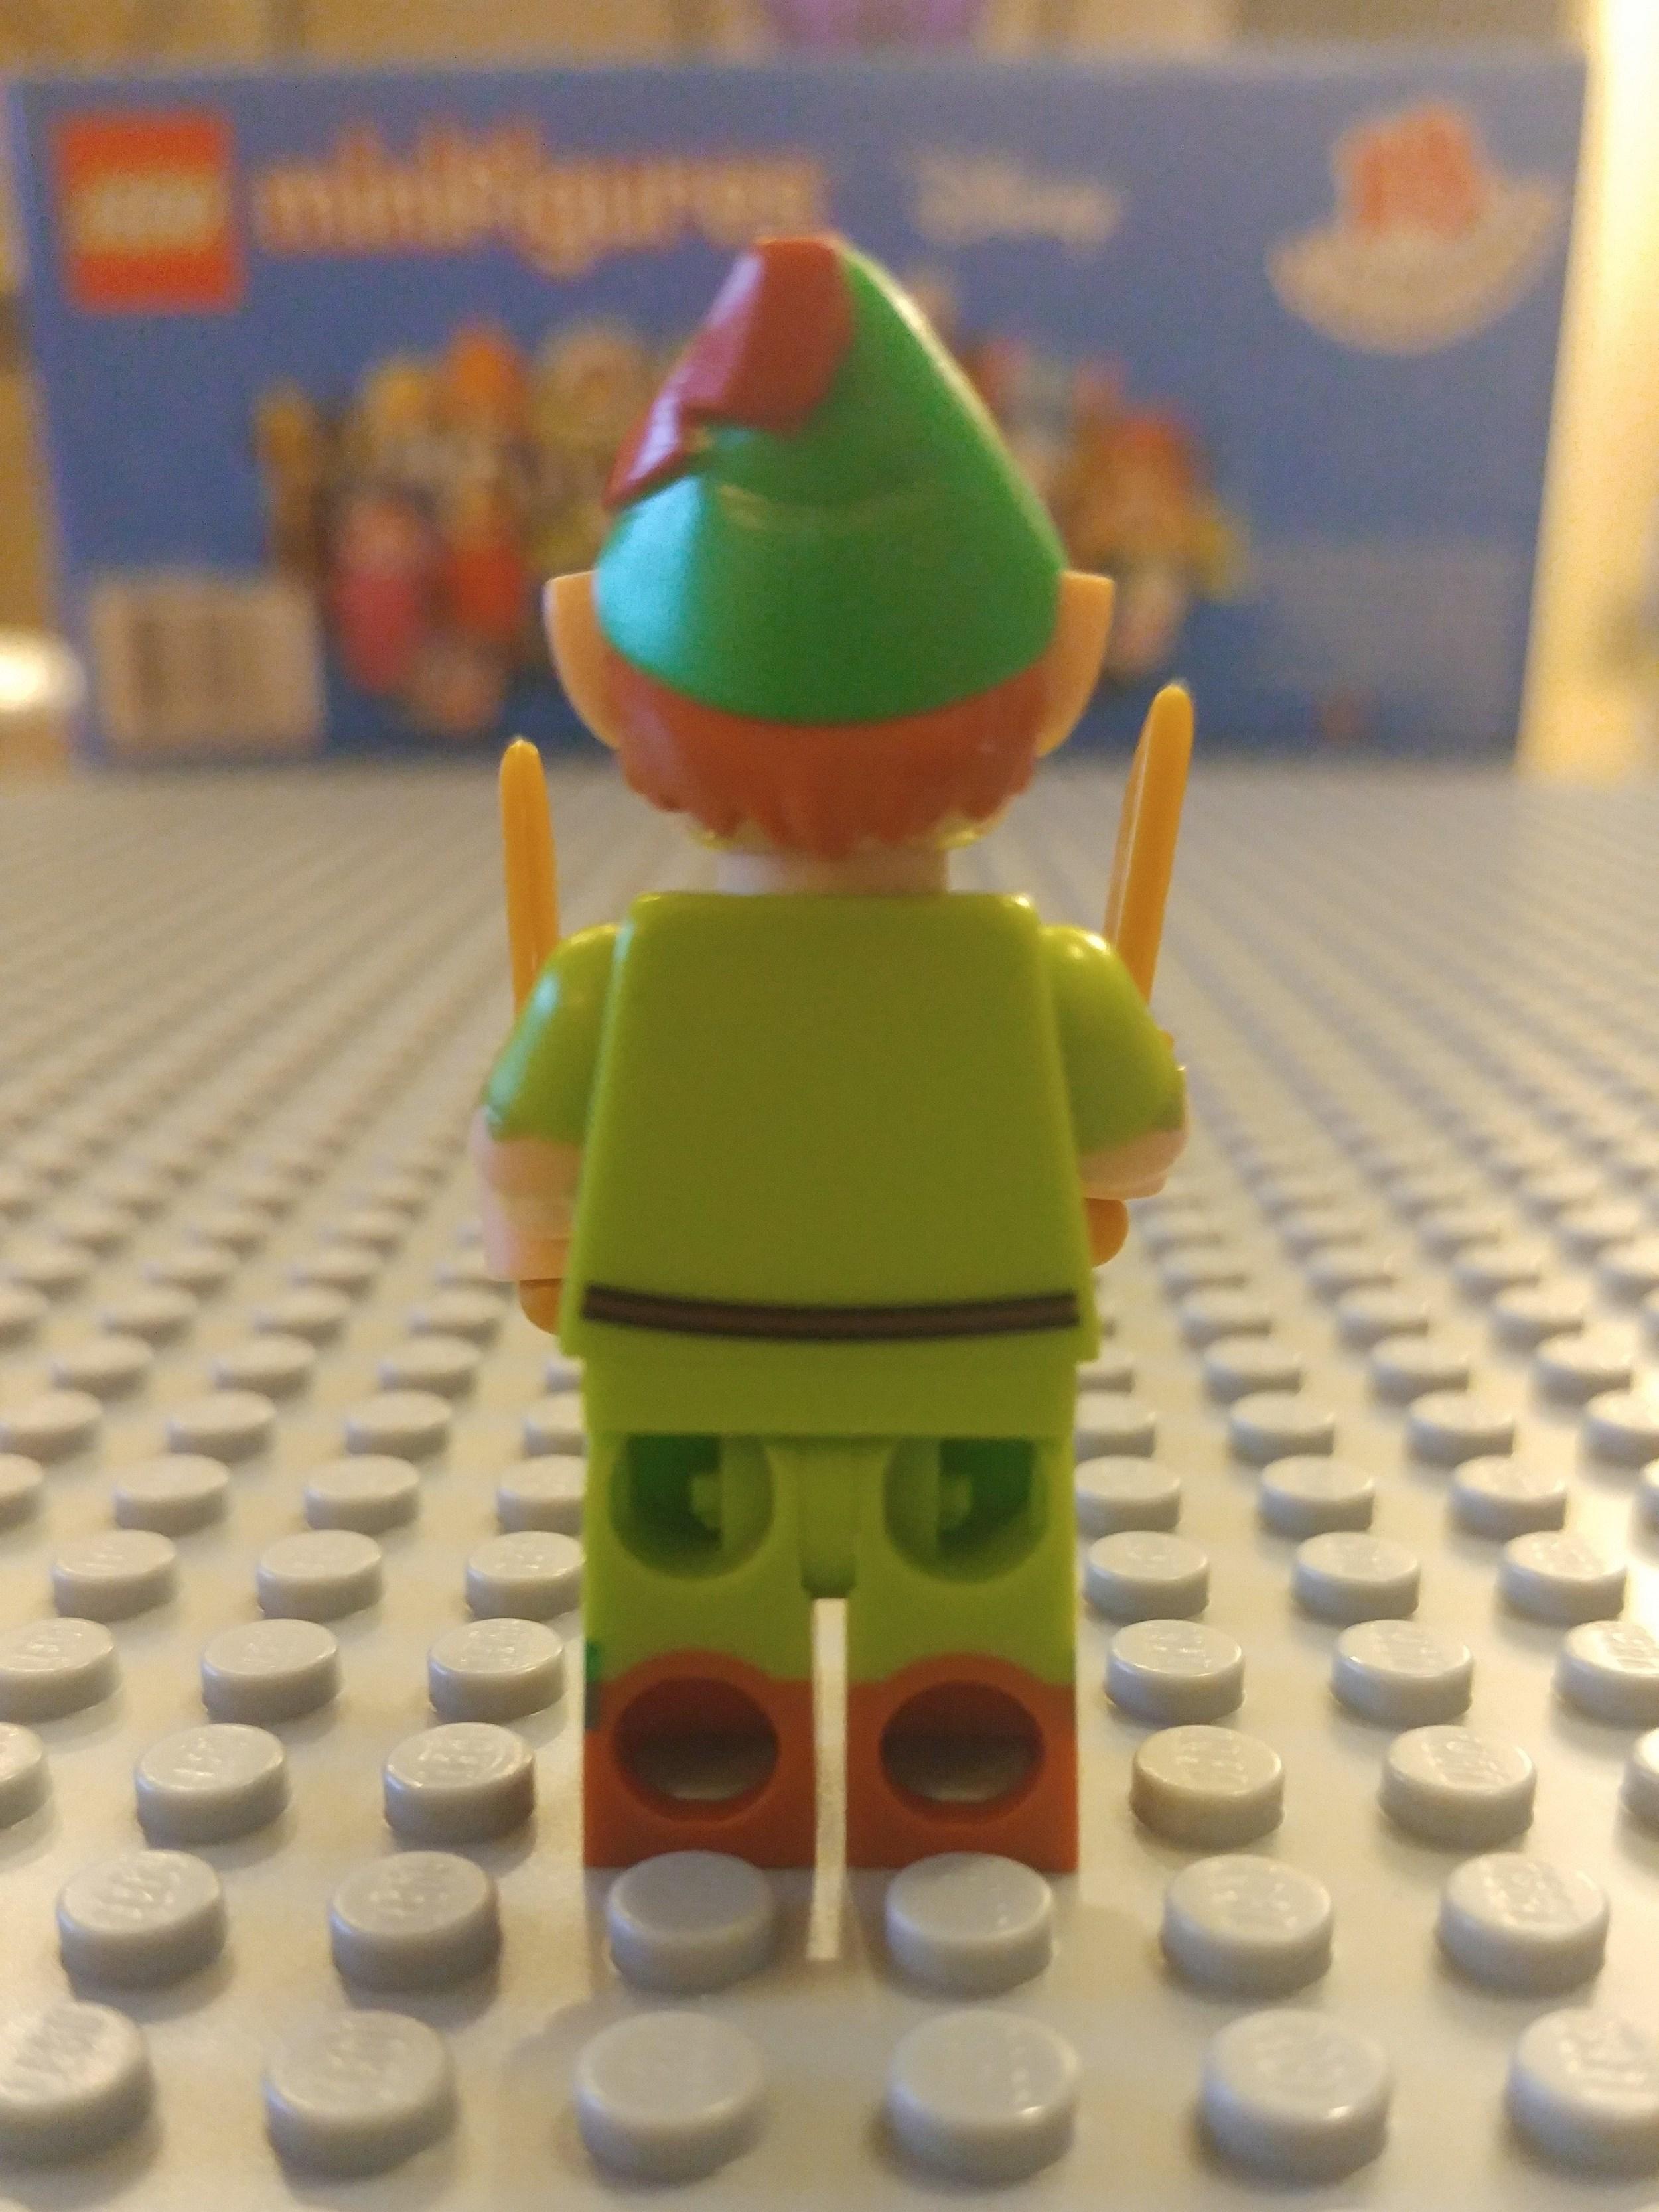 Peter Pan Minifig Close Up - Back